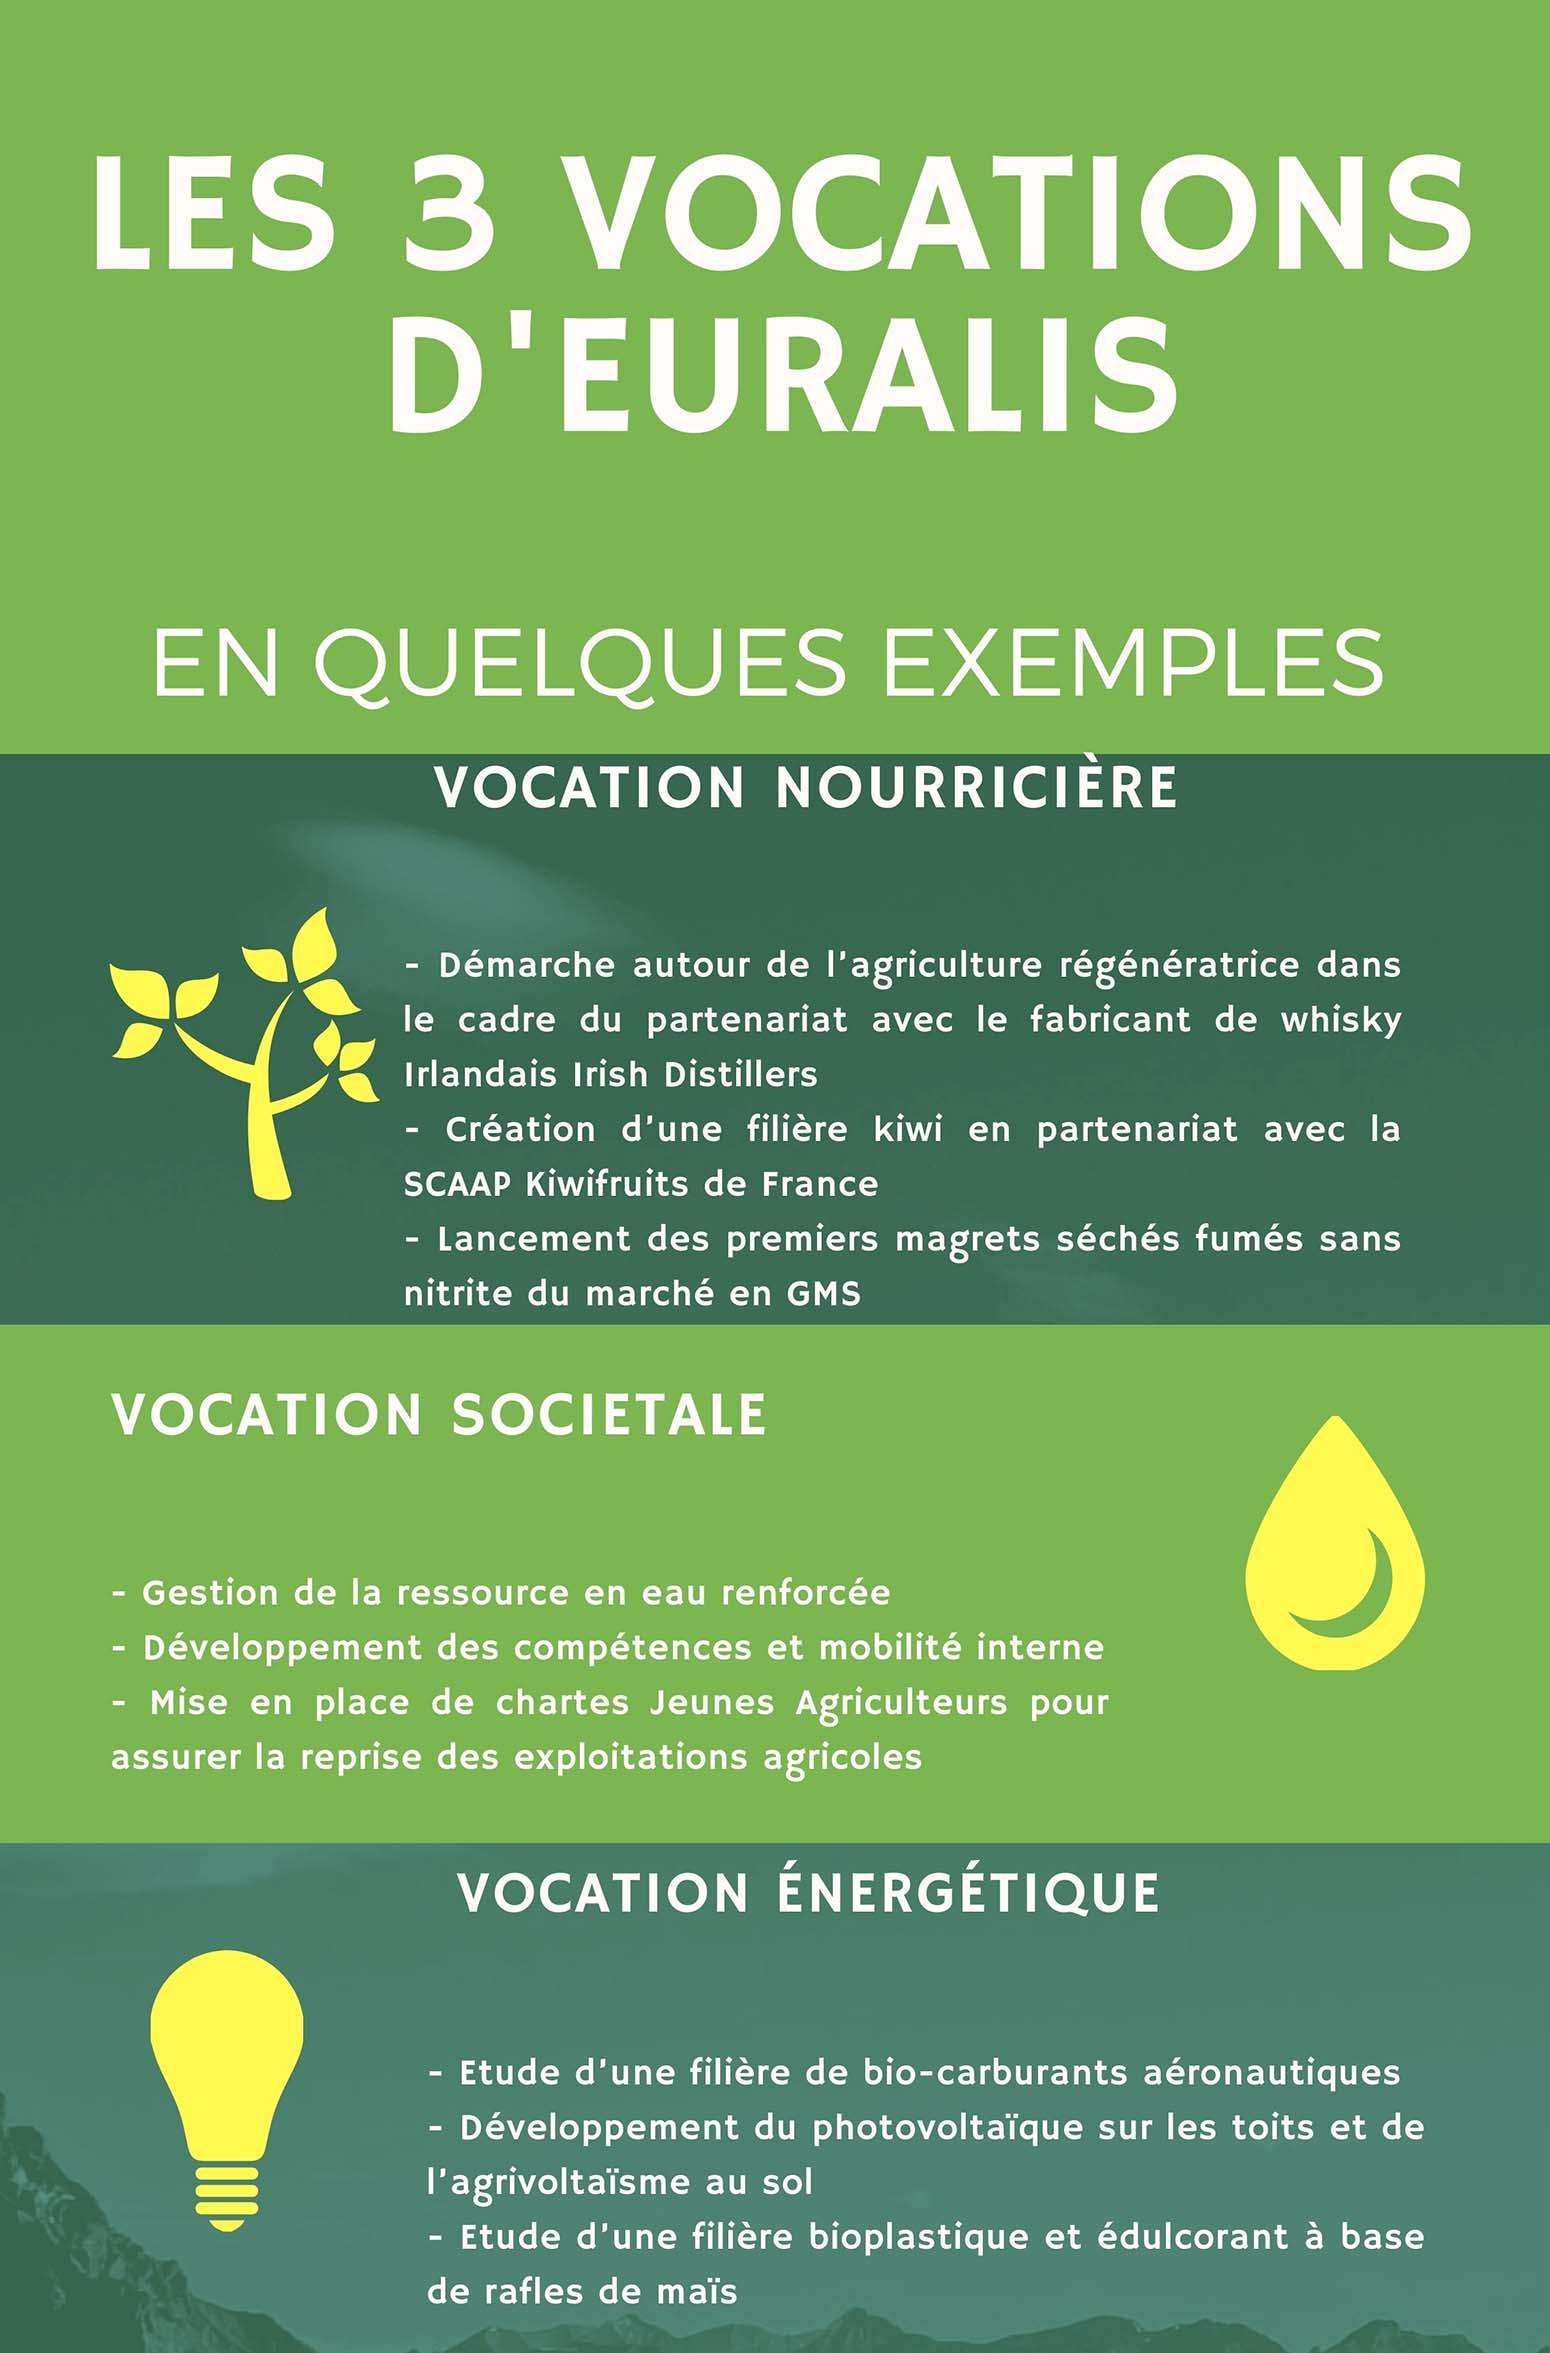 Les 3 vocations Euralis